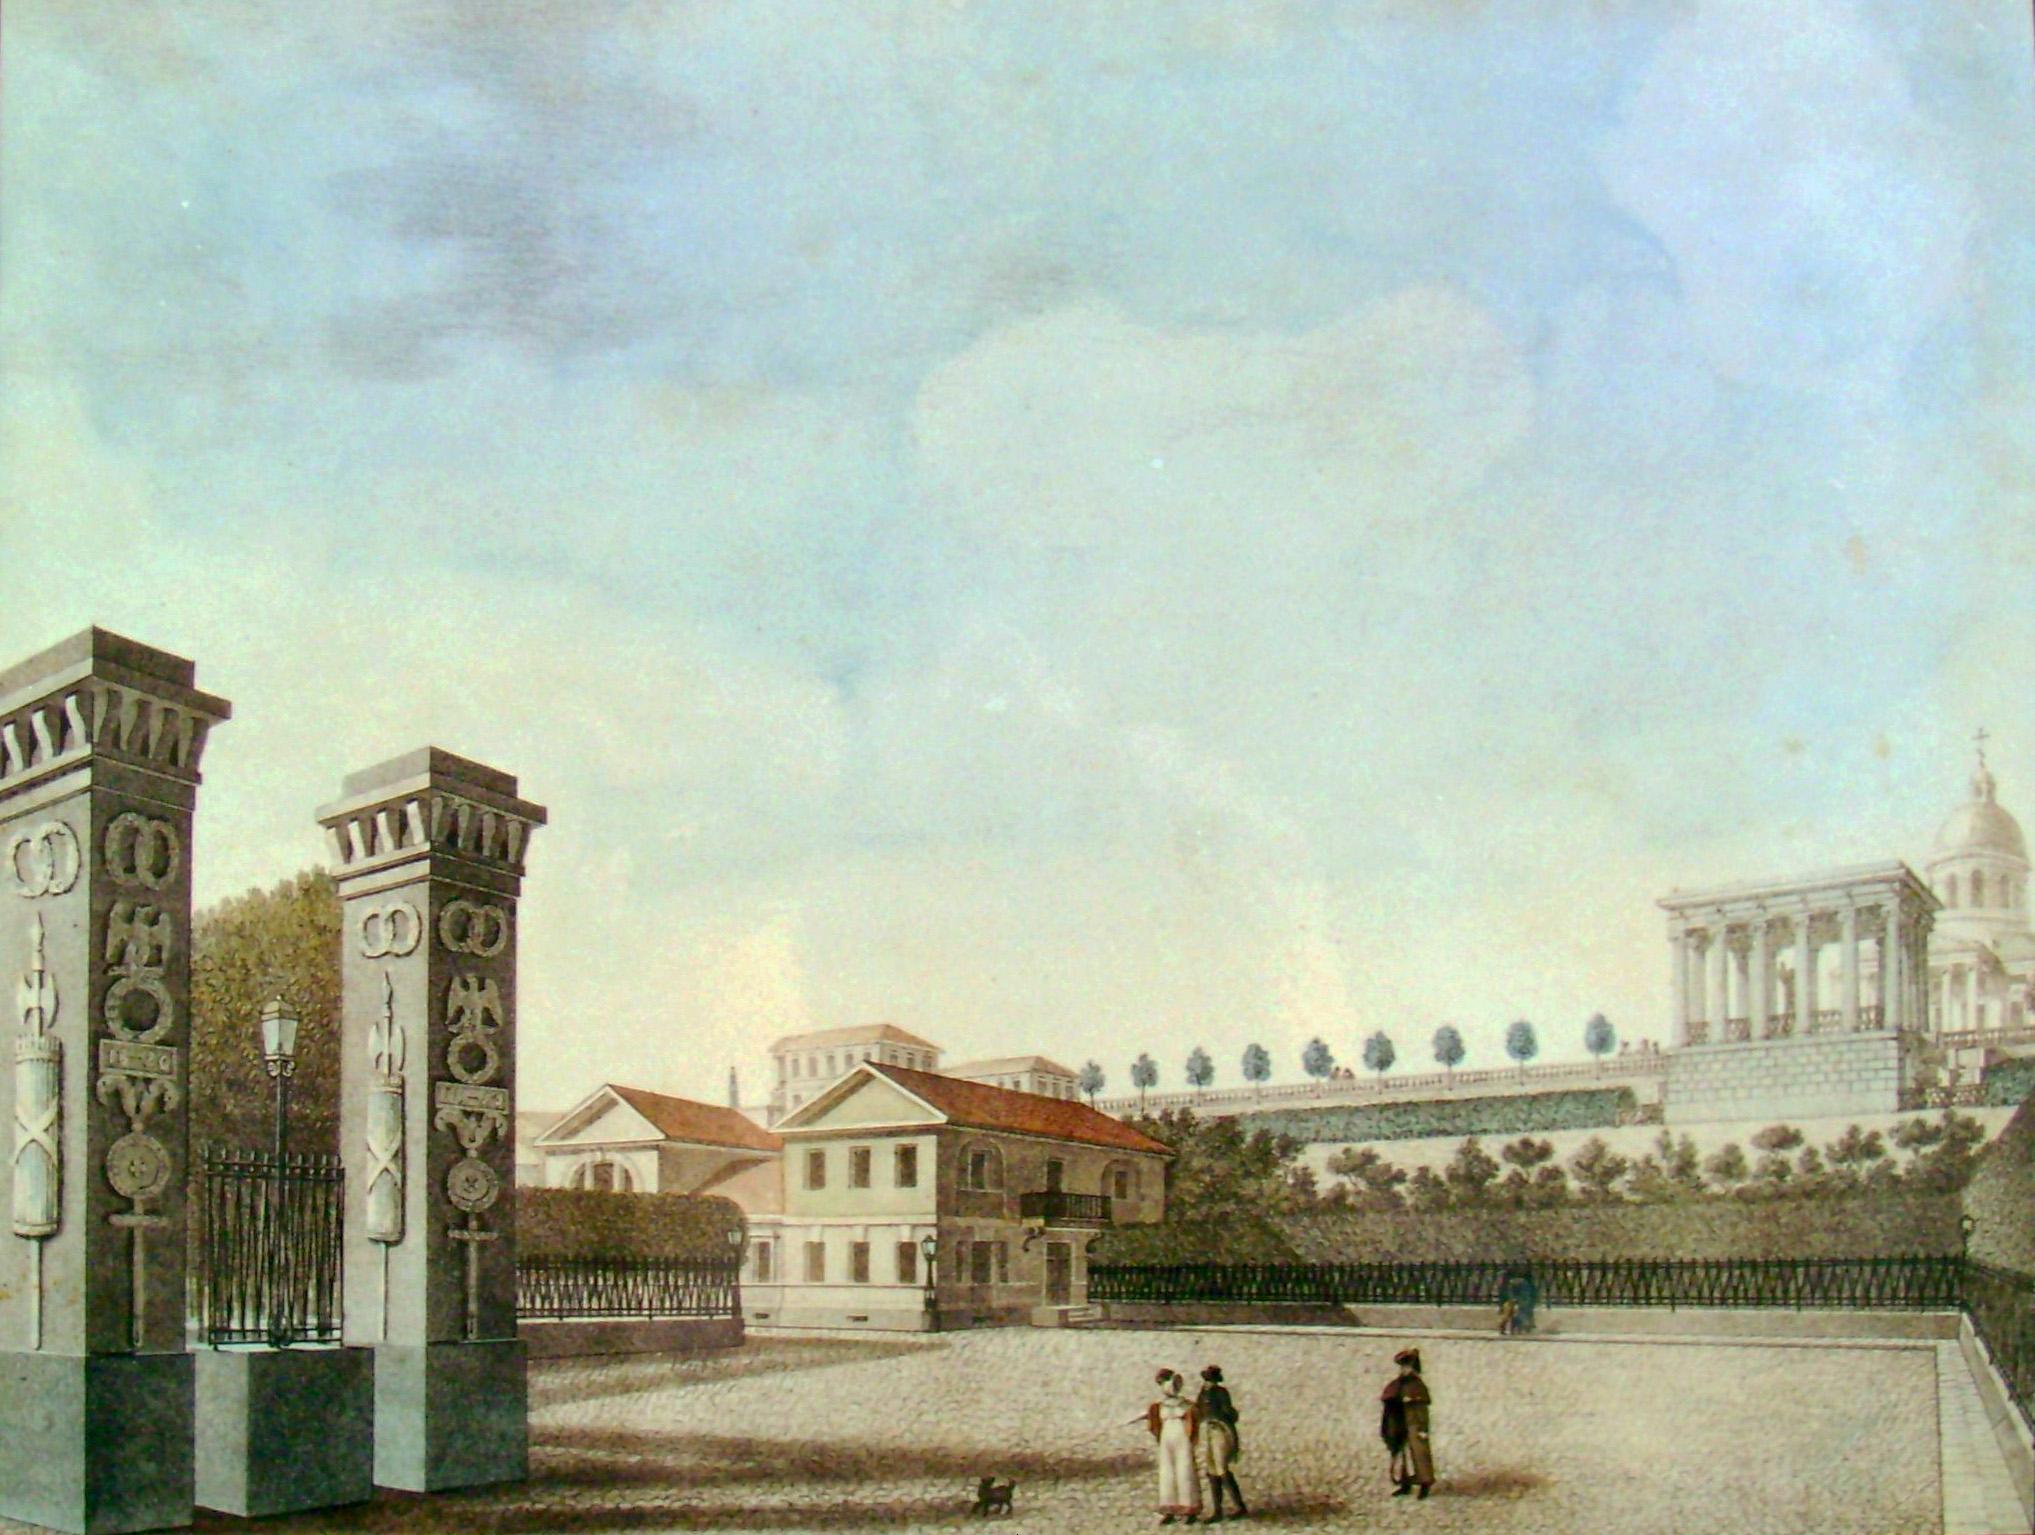 6. Вид Площади у моста при въезде от Города Тихвина. Рисовал на камне Архитектор Семенов 1821 года.